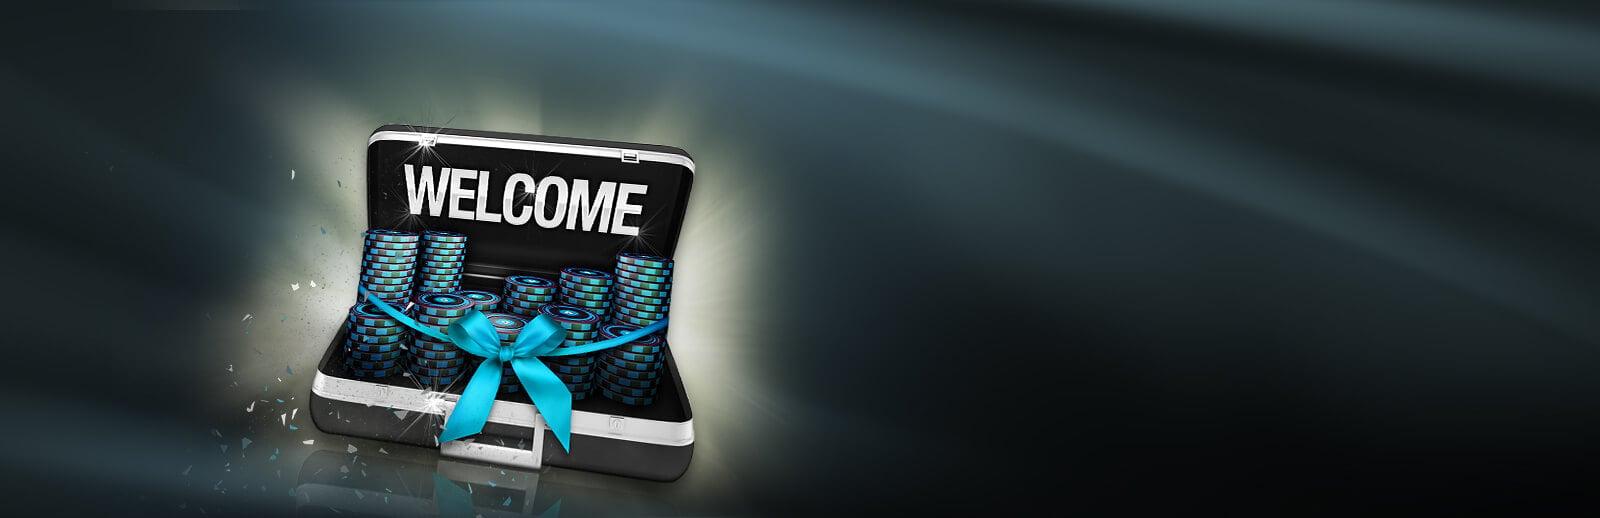 Netbet poker free download